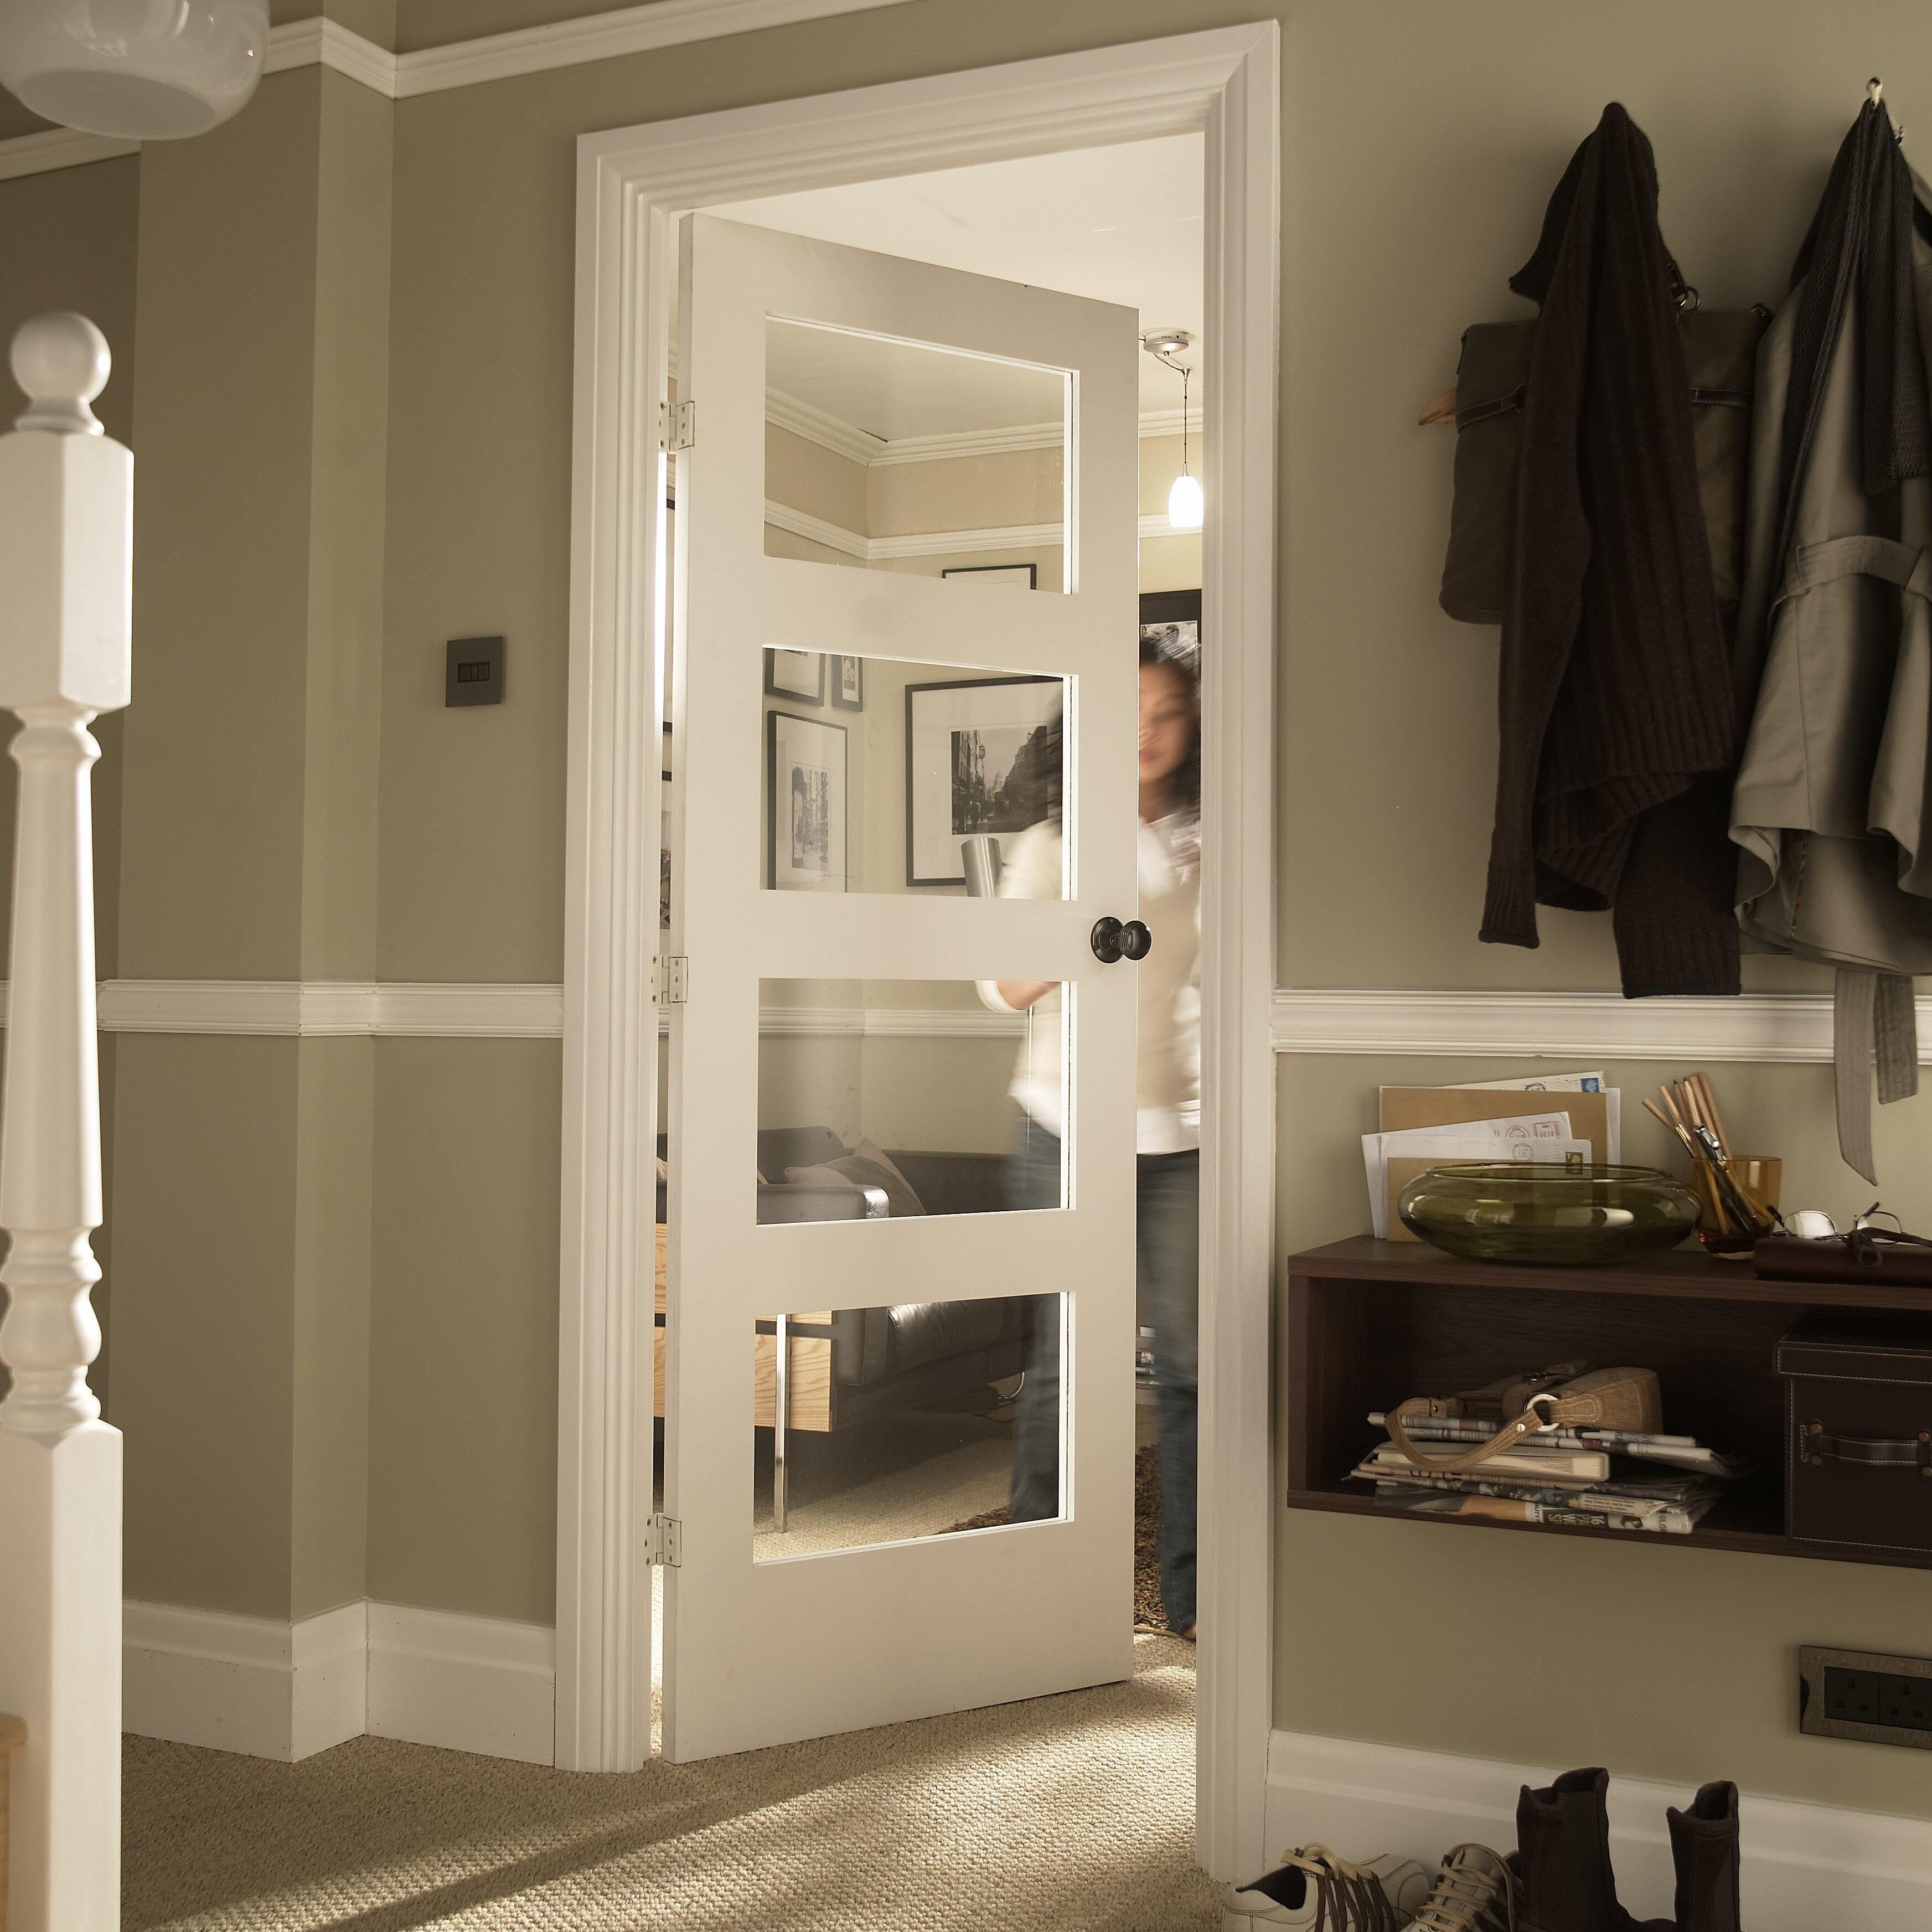 Jeld Wen Shaker 4 Panel White Glazed Internal Door Reviews